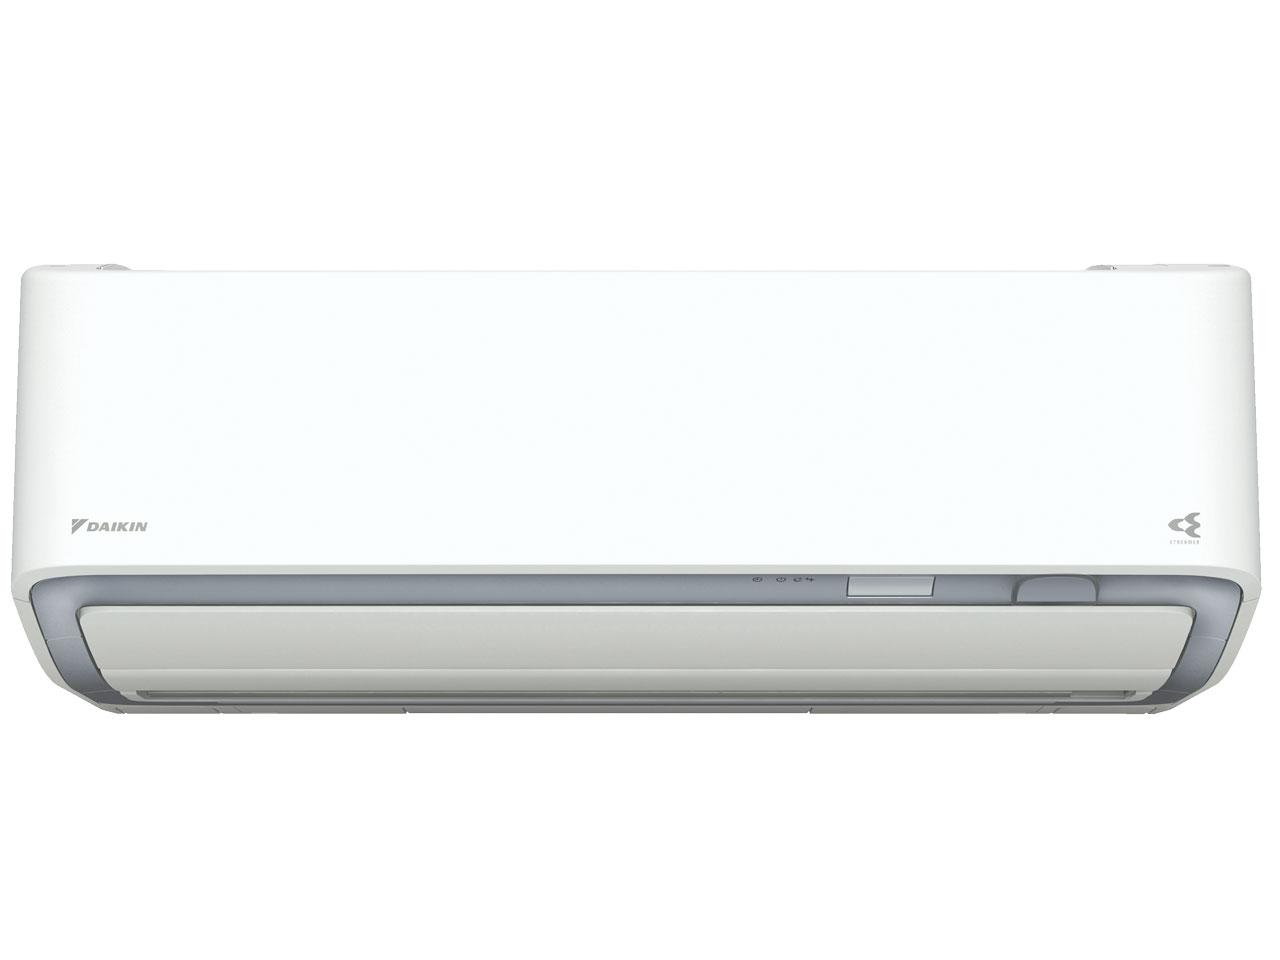 ダイキン 19年モデル うるさら7 RXシリーズ S40WTRXV-W 【200V用 電源直結型】14畳用冷暖房除湿エアコン